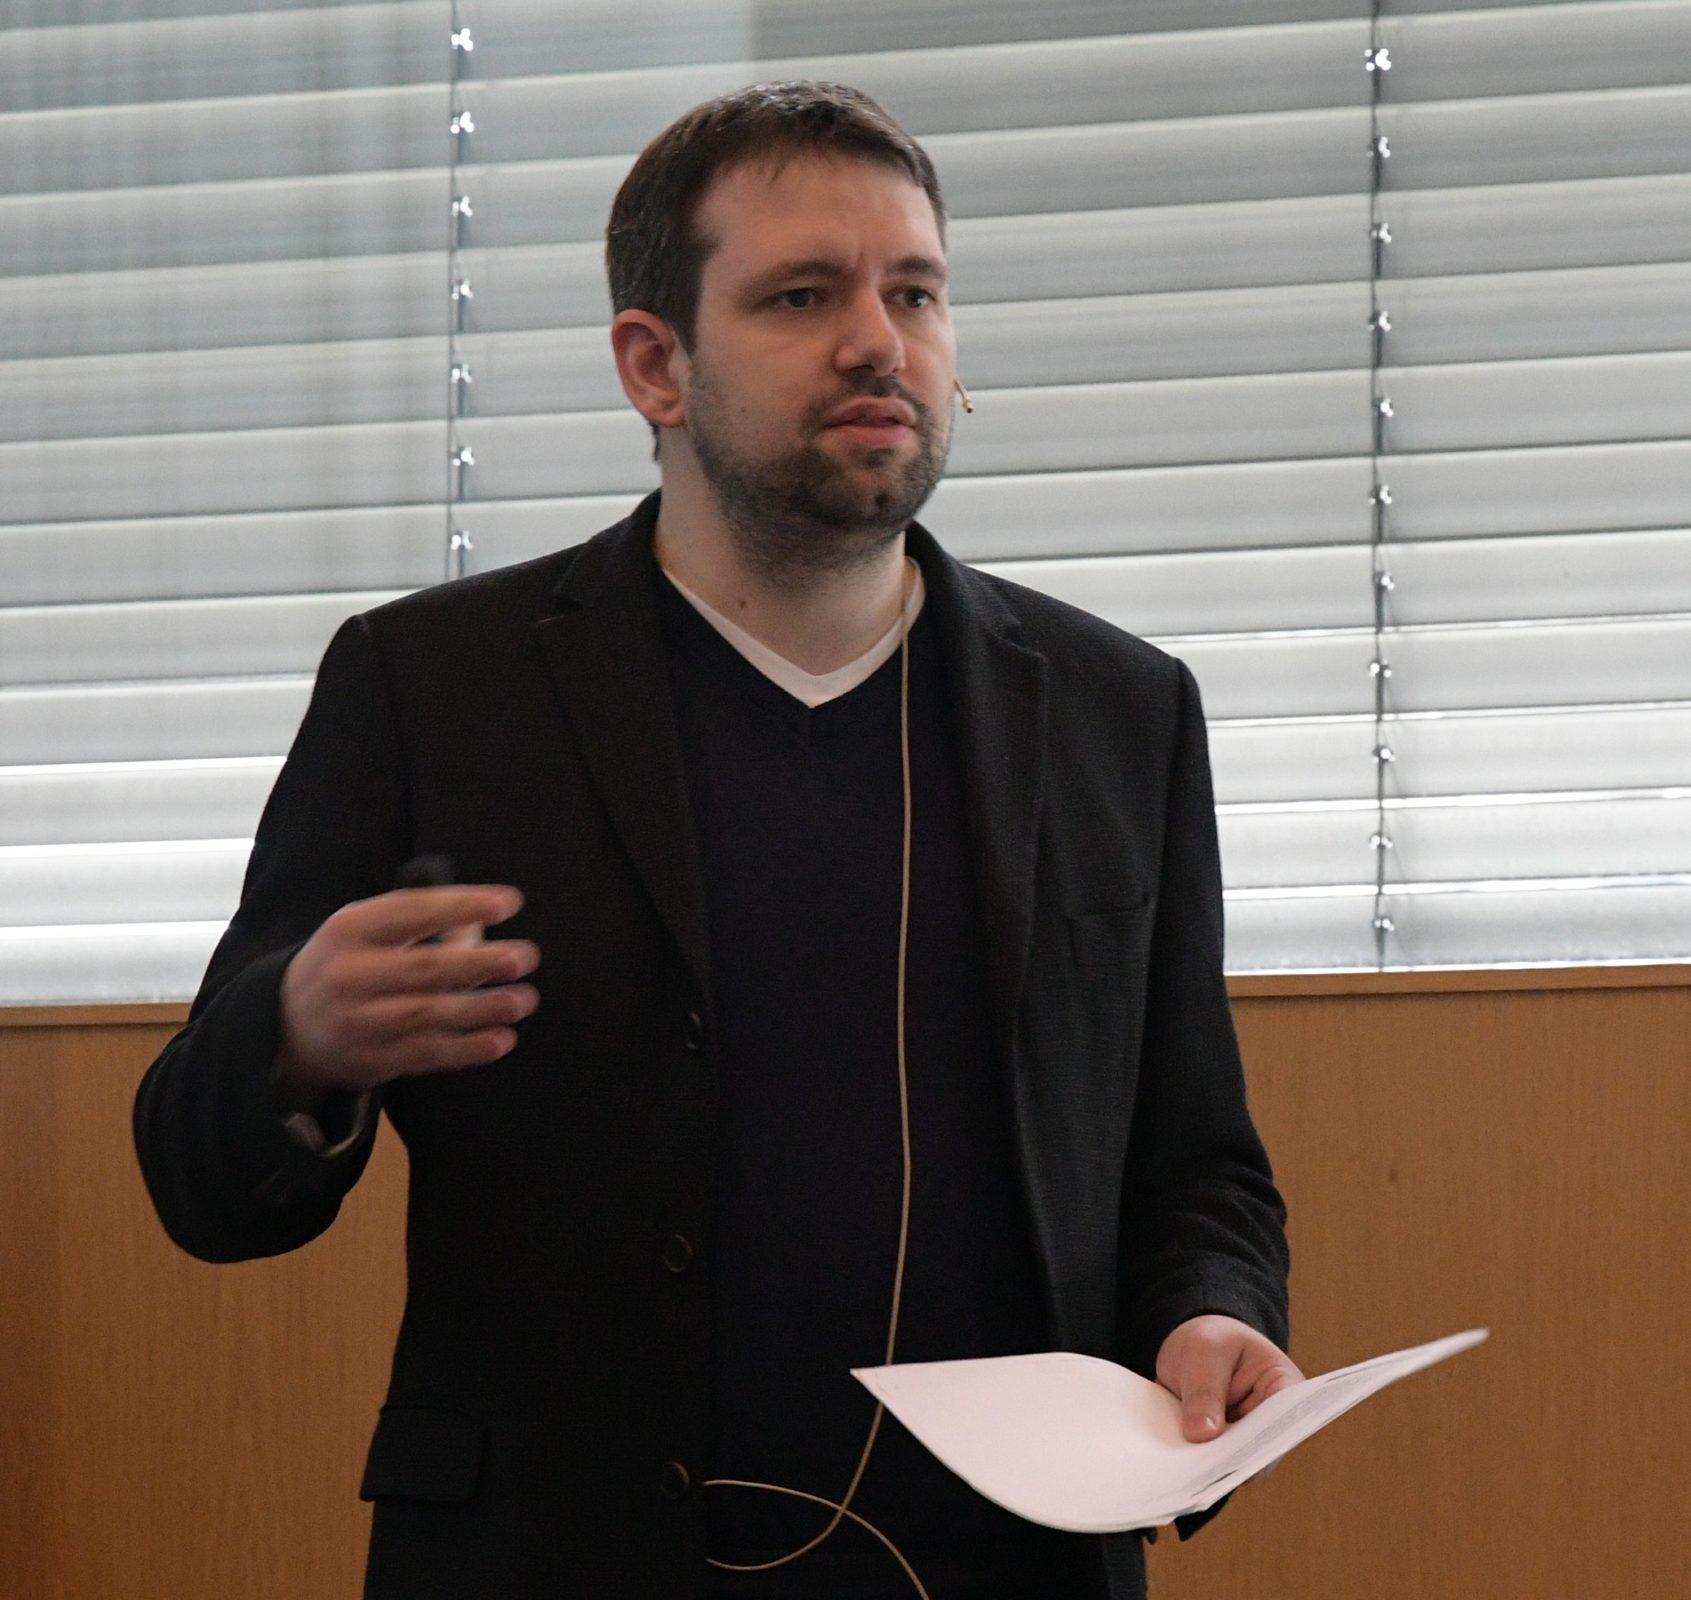 Daniel Benrath (RUB)